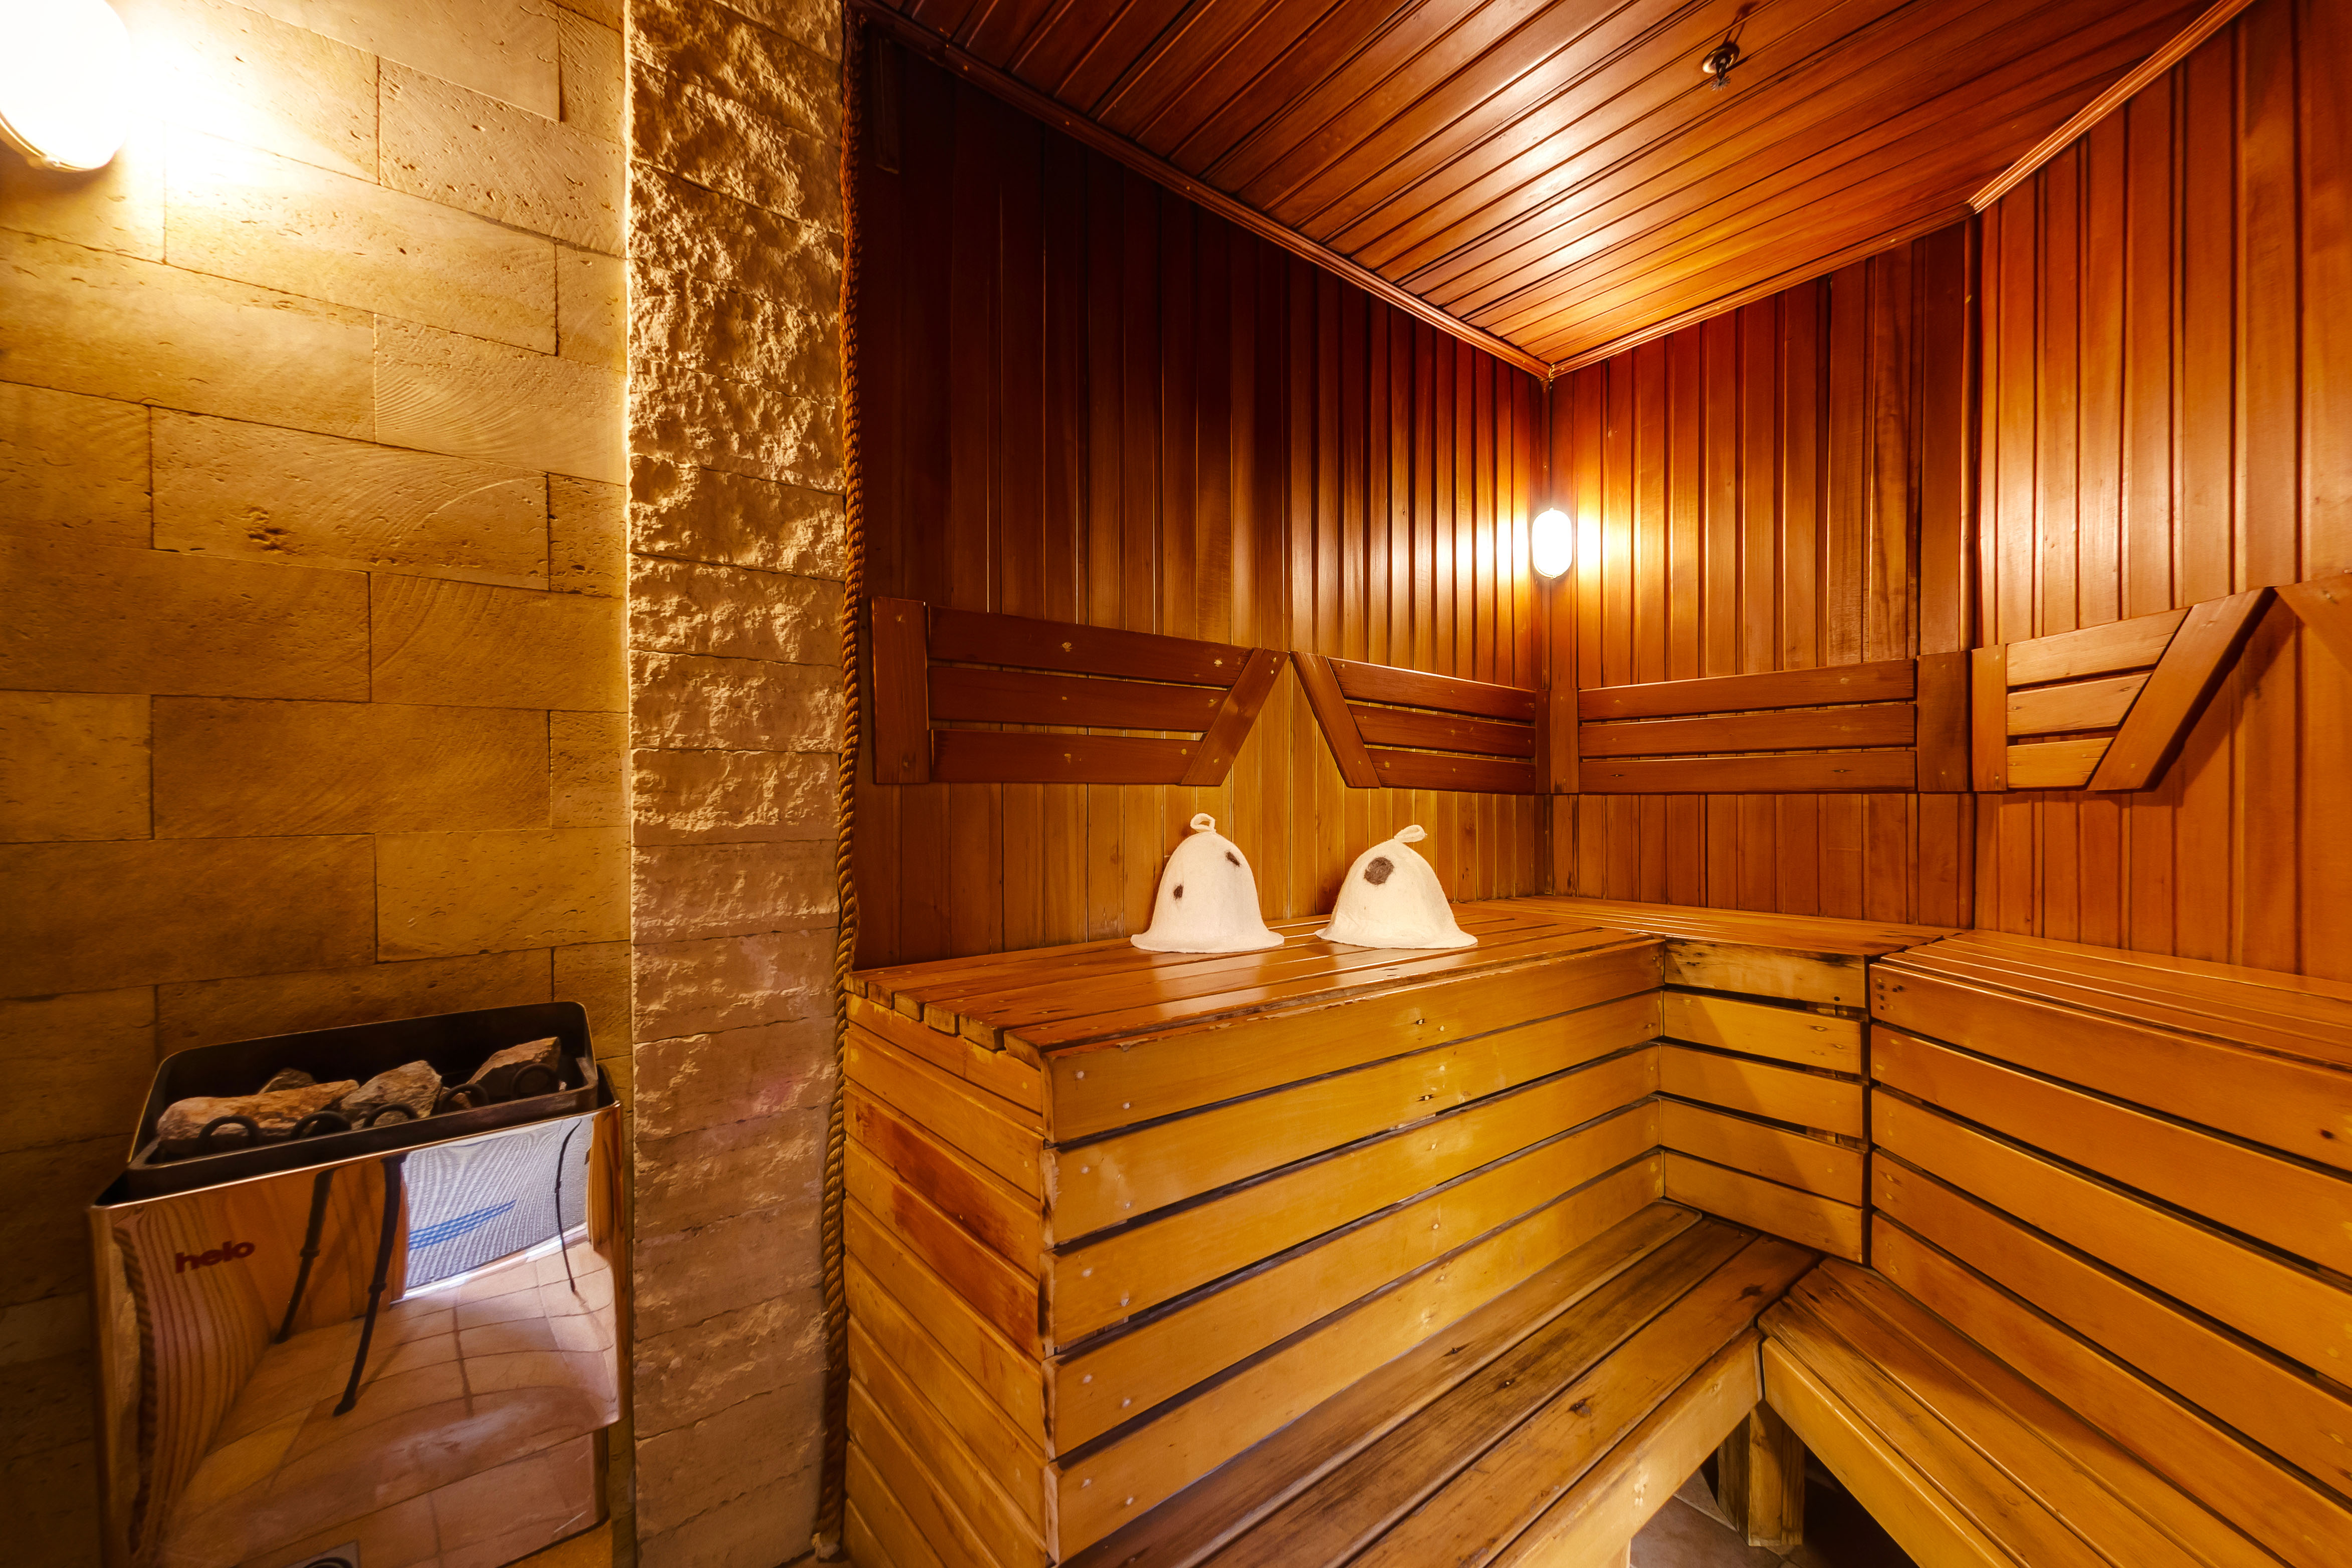 Баня 8 на Онежской бильярд